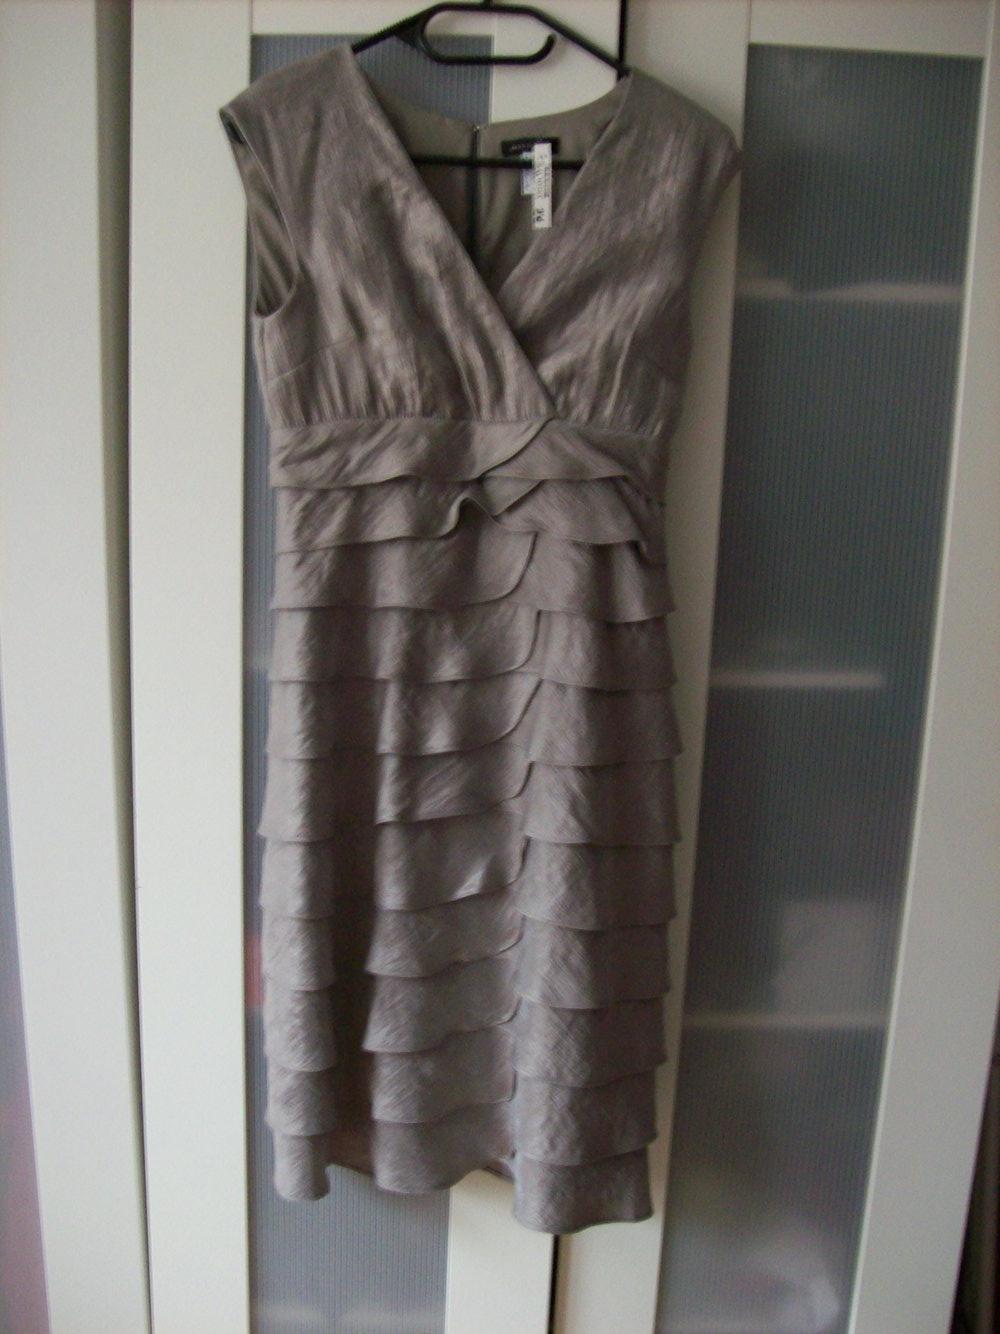 040644c2fd0623 beiges Kleid beiges Kleid beiges Kleid beiges Kleid .